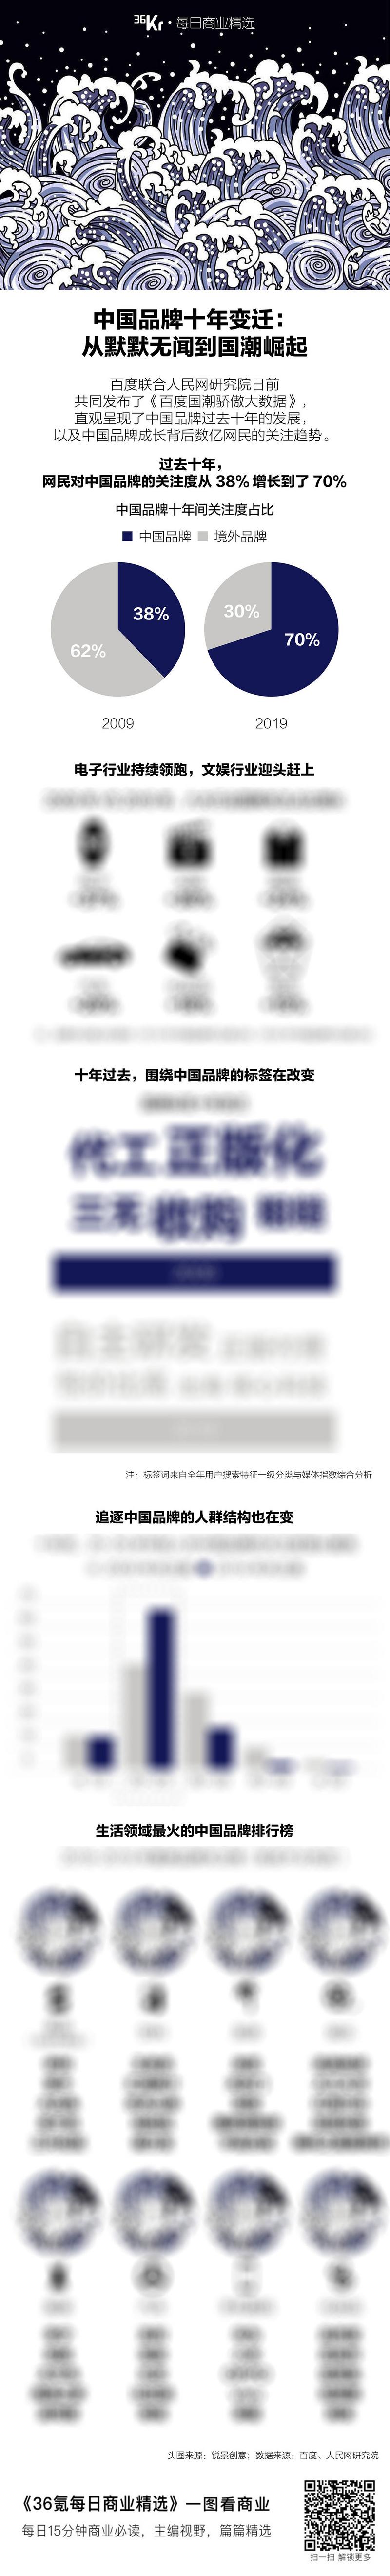 崇达技术股份有限公司第三届董事会第二十七次会议决议公告